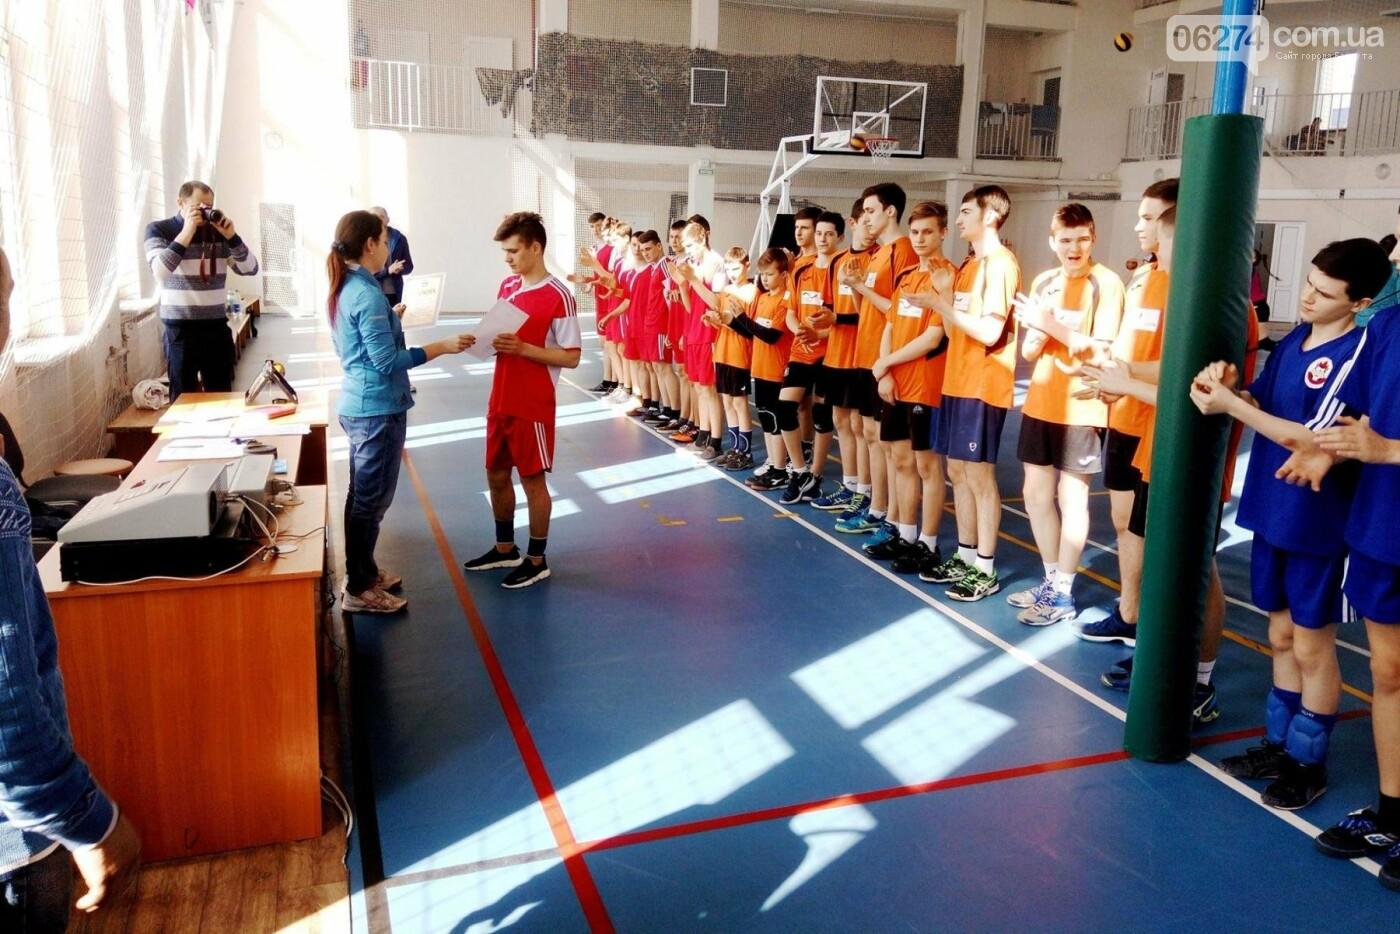 В Бахмуте прошли зональные соревнования «Школьная волейбольная лига Украины», фото-3